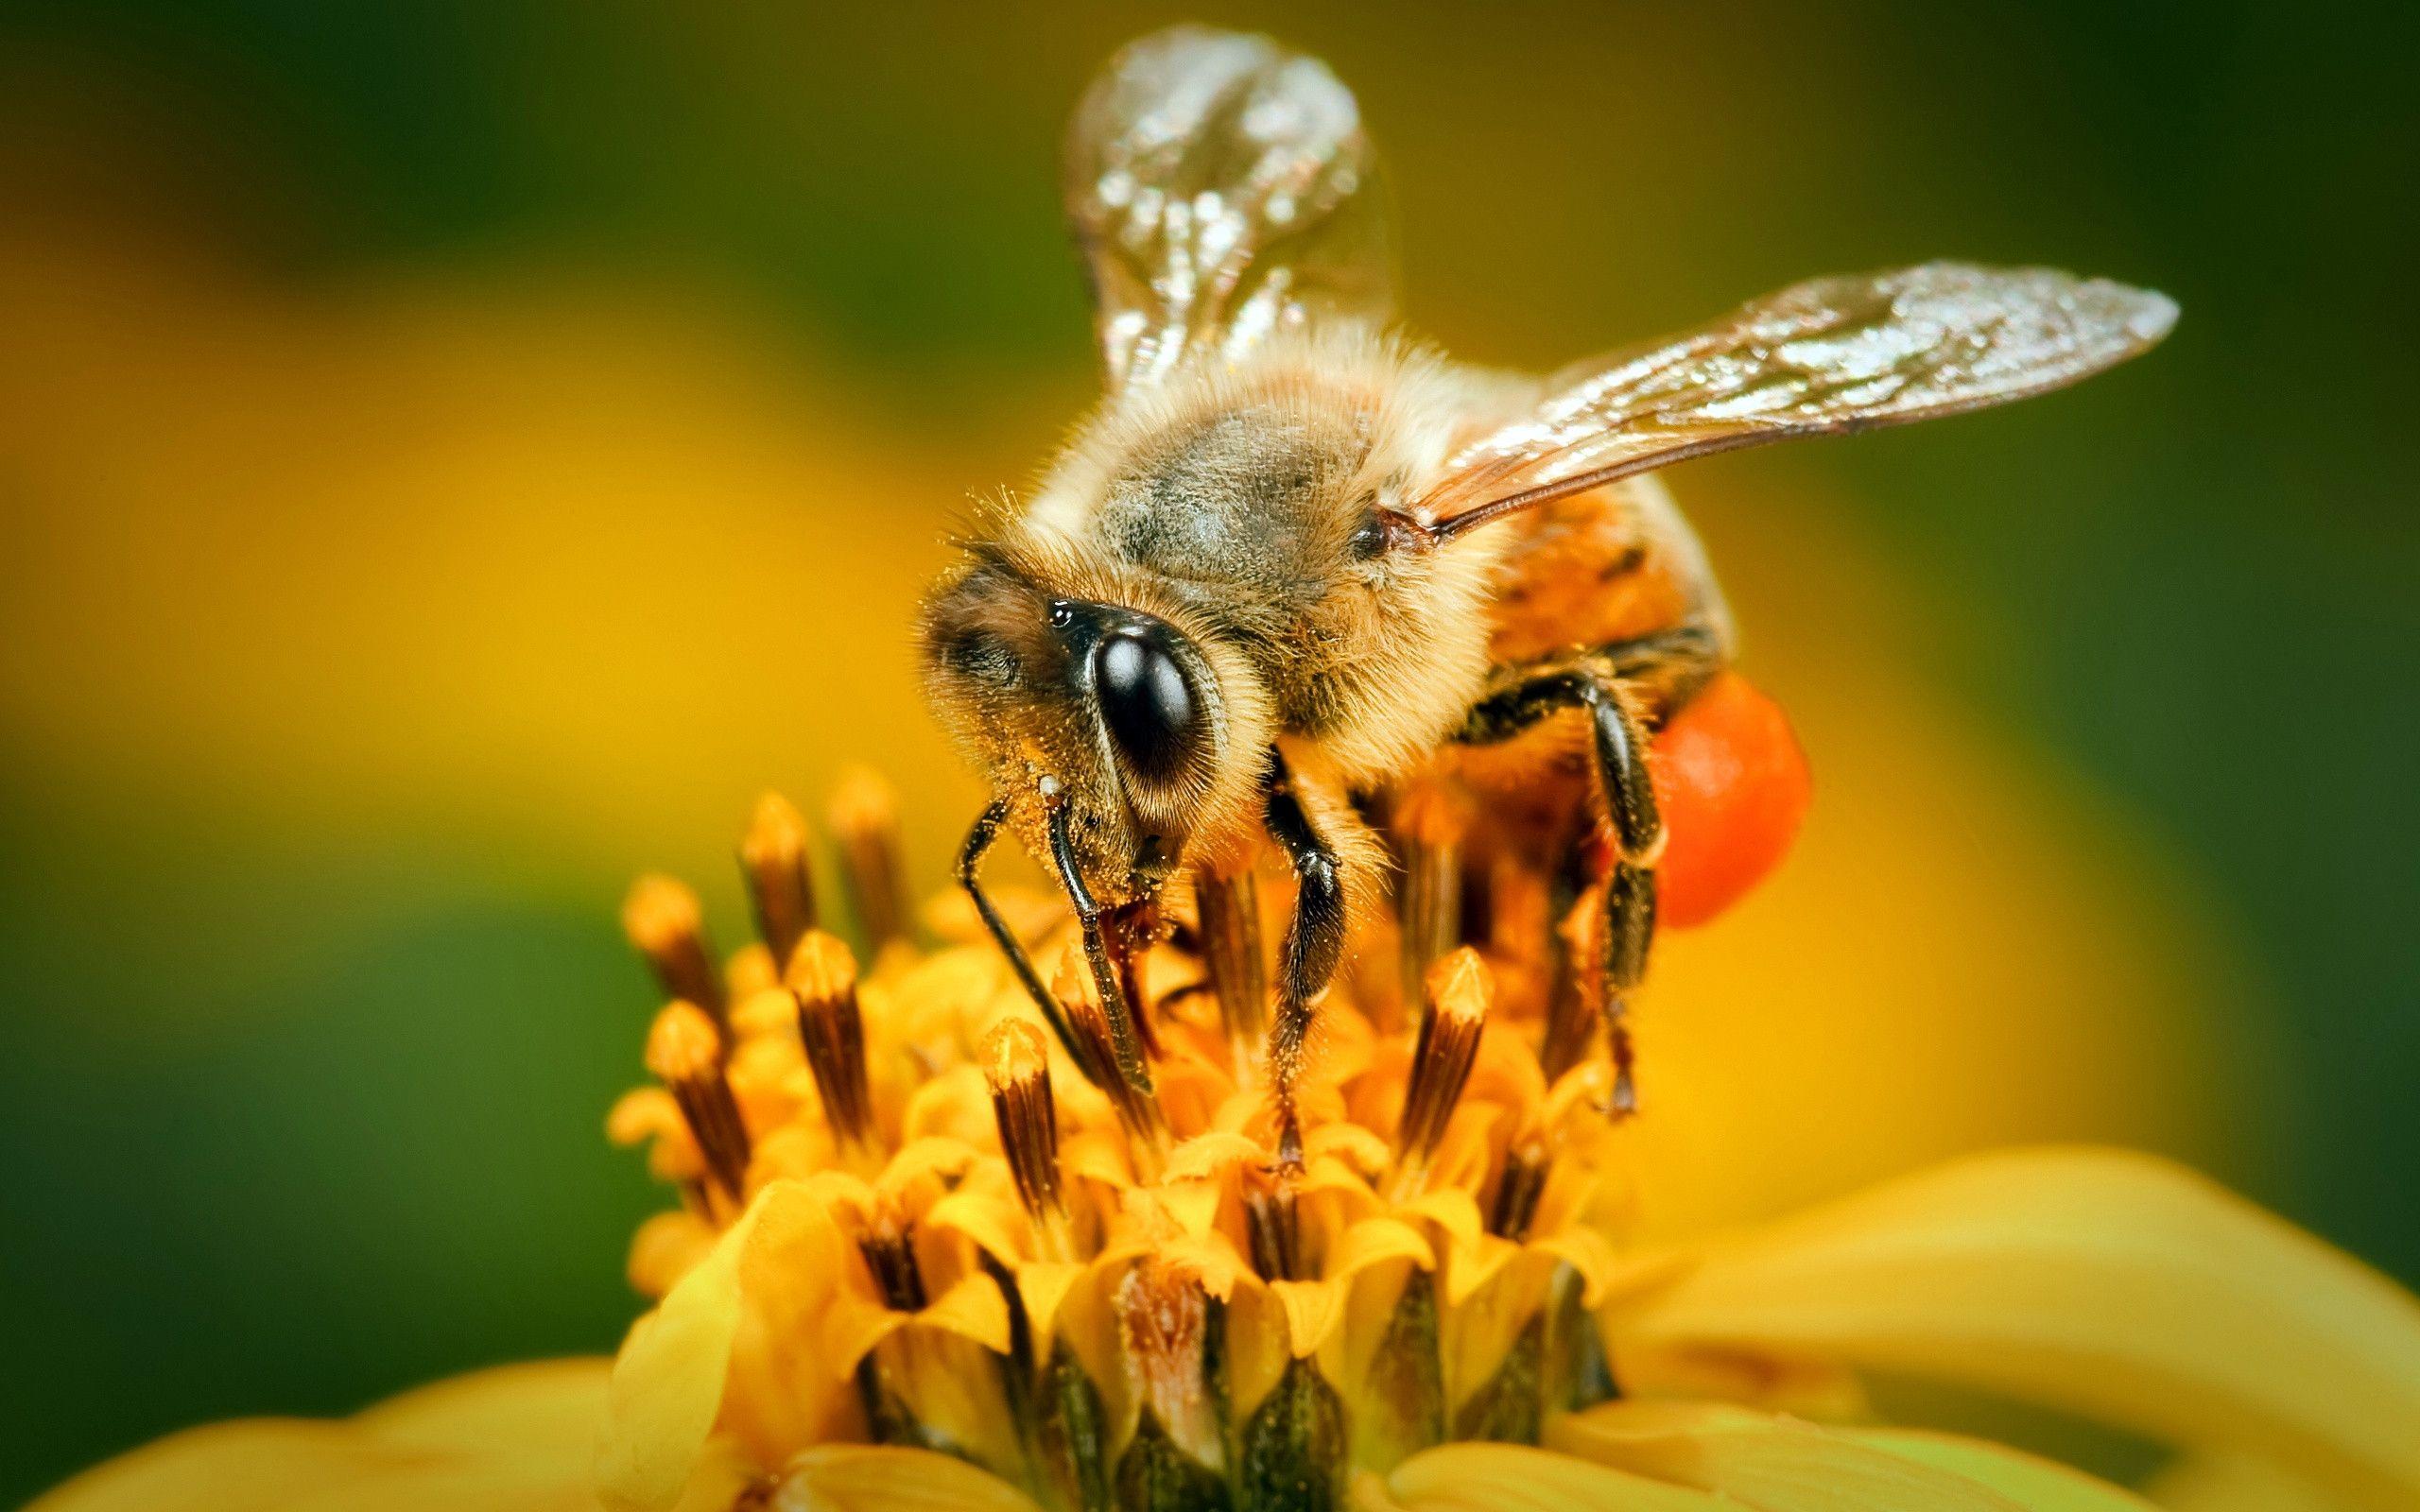 دلایل موفقیت حشرات در مقابله با شرایط نامساعد